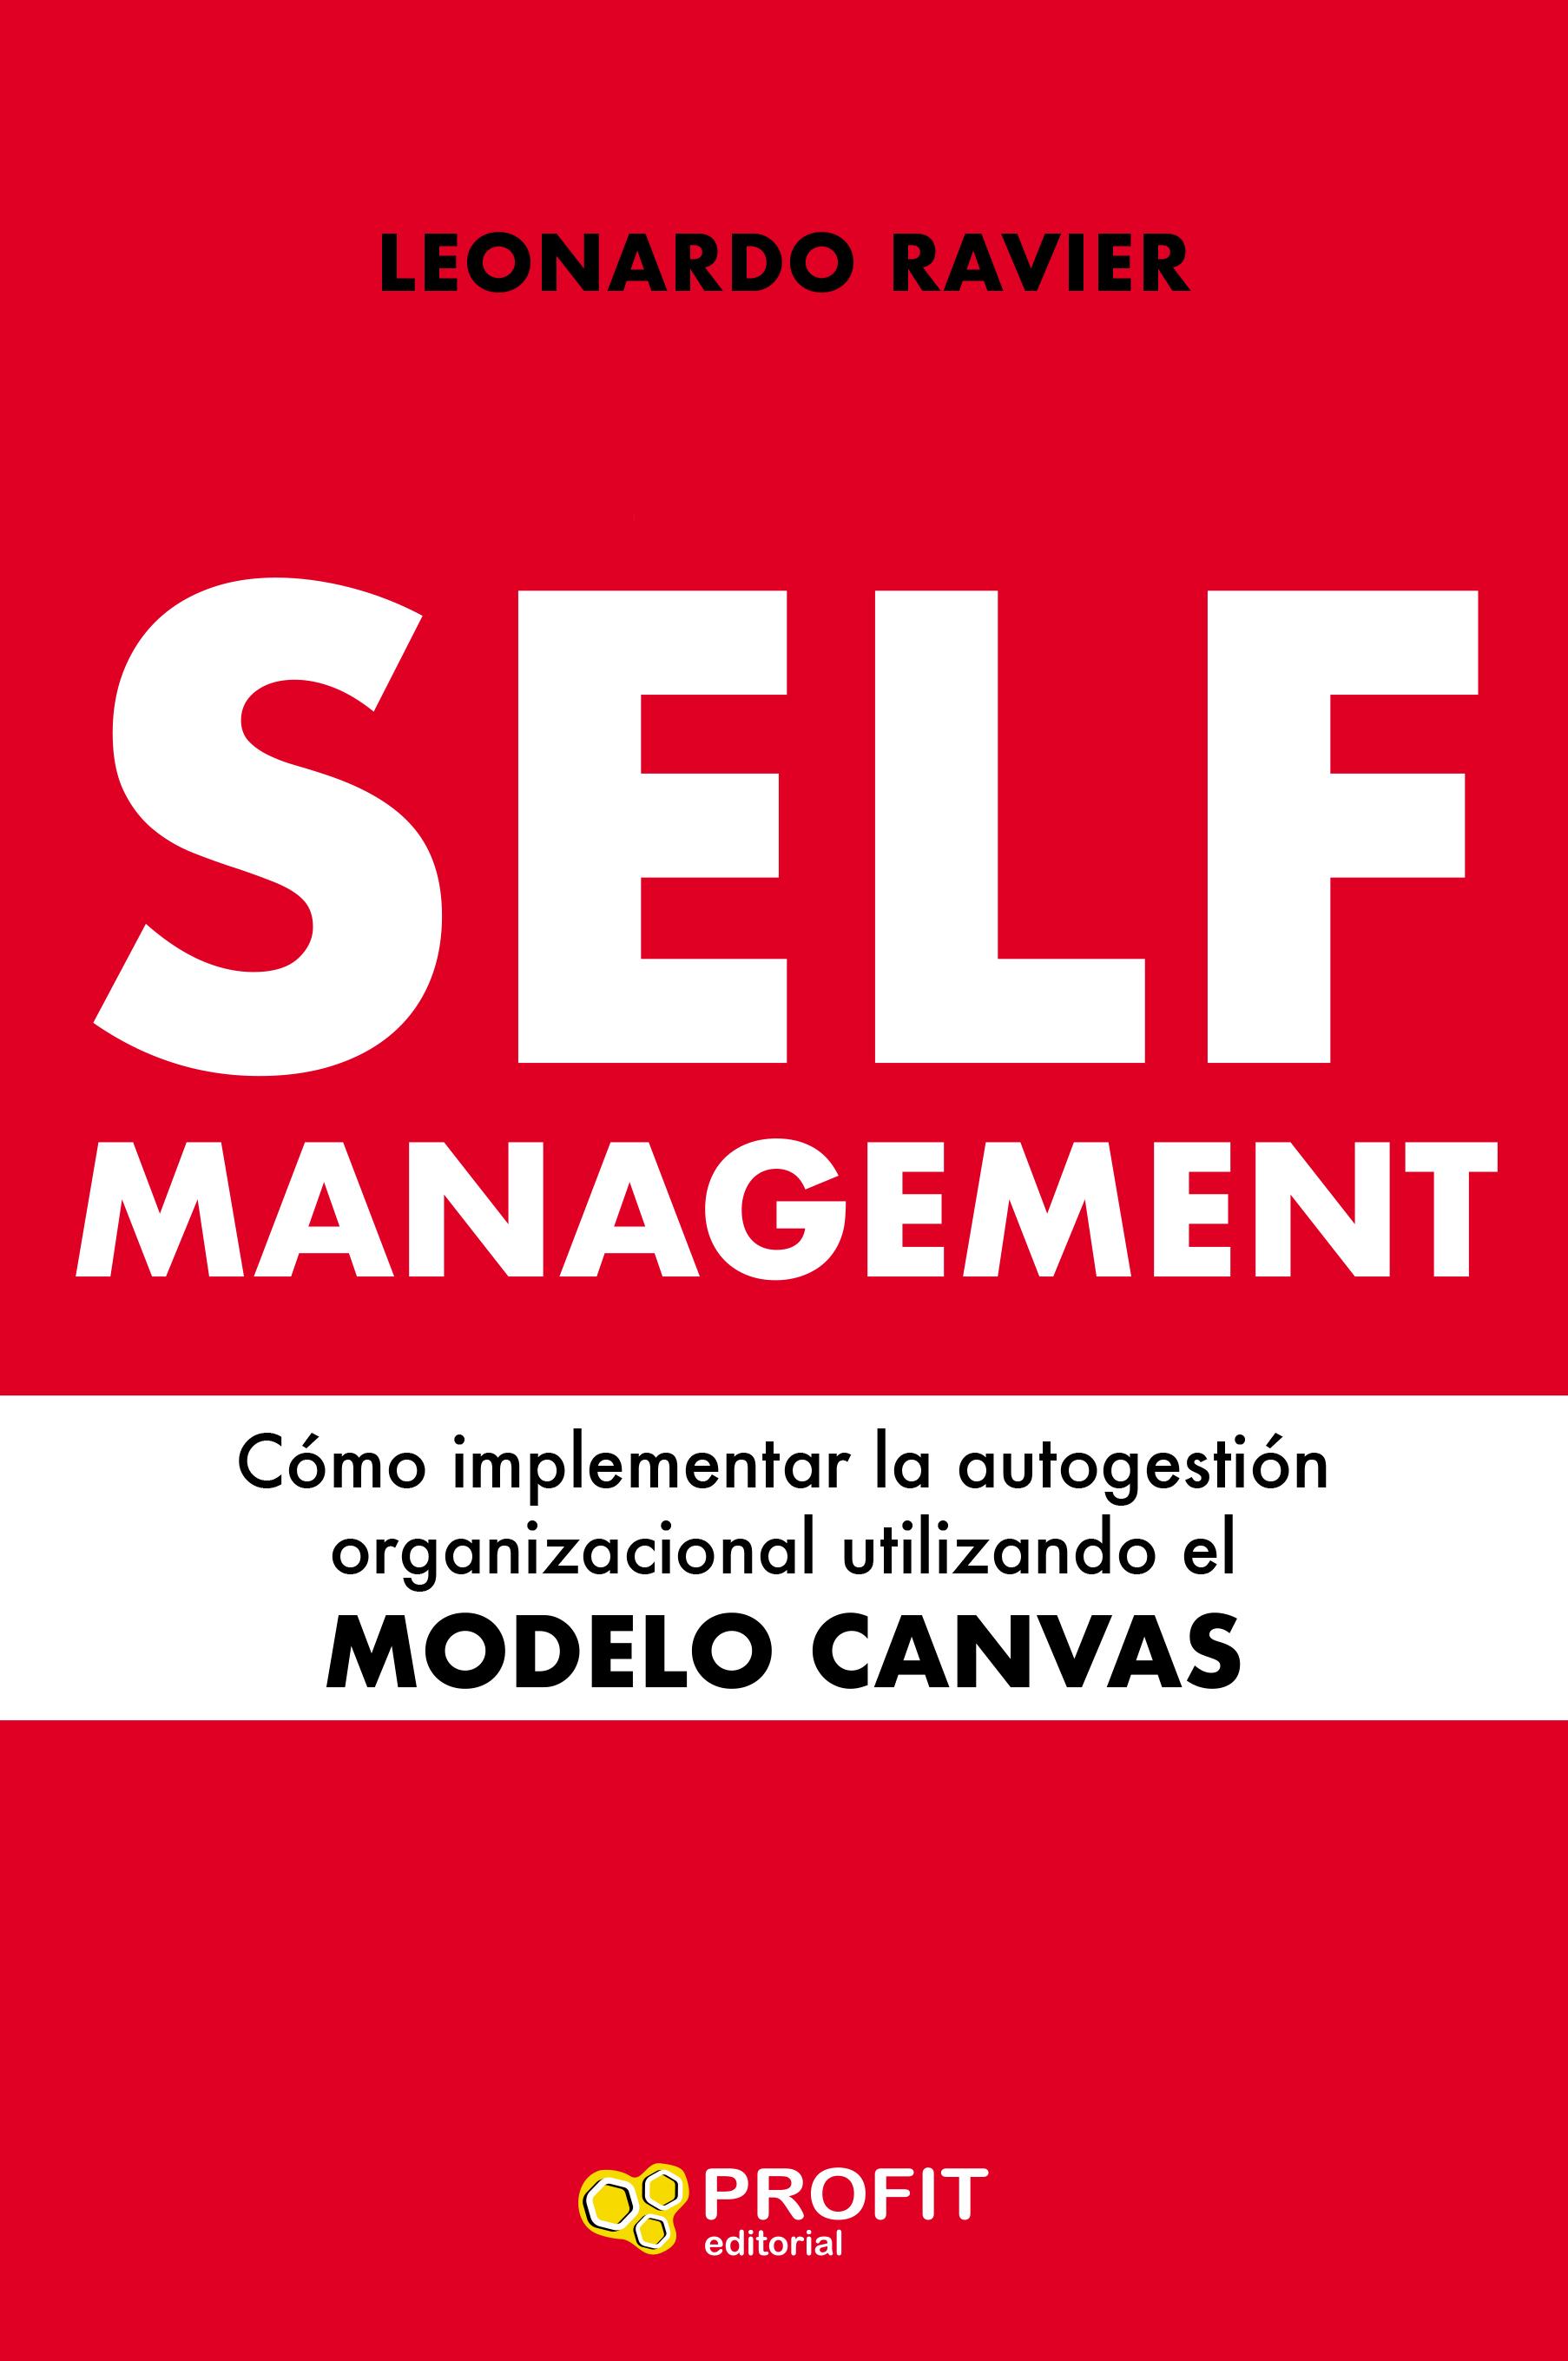 Self-Management   «Cómo implementar la autogestión organizacional utilizando el MODELO CANVAS»